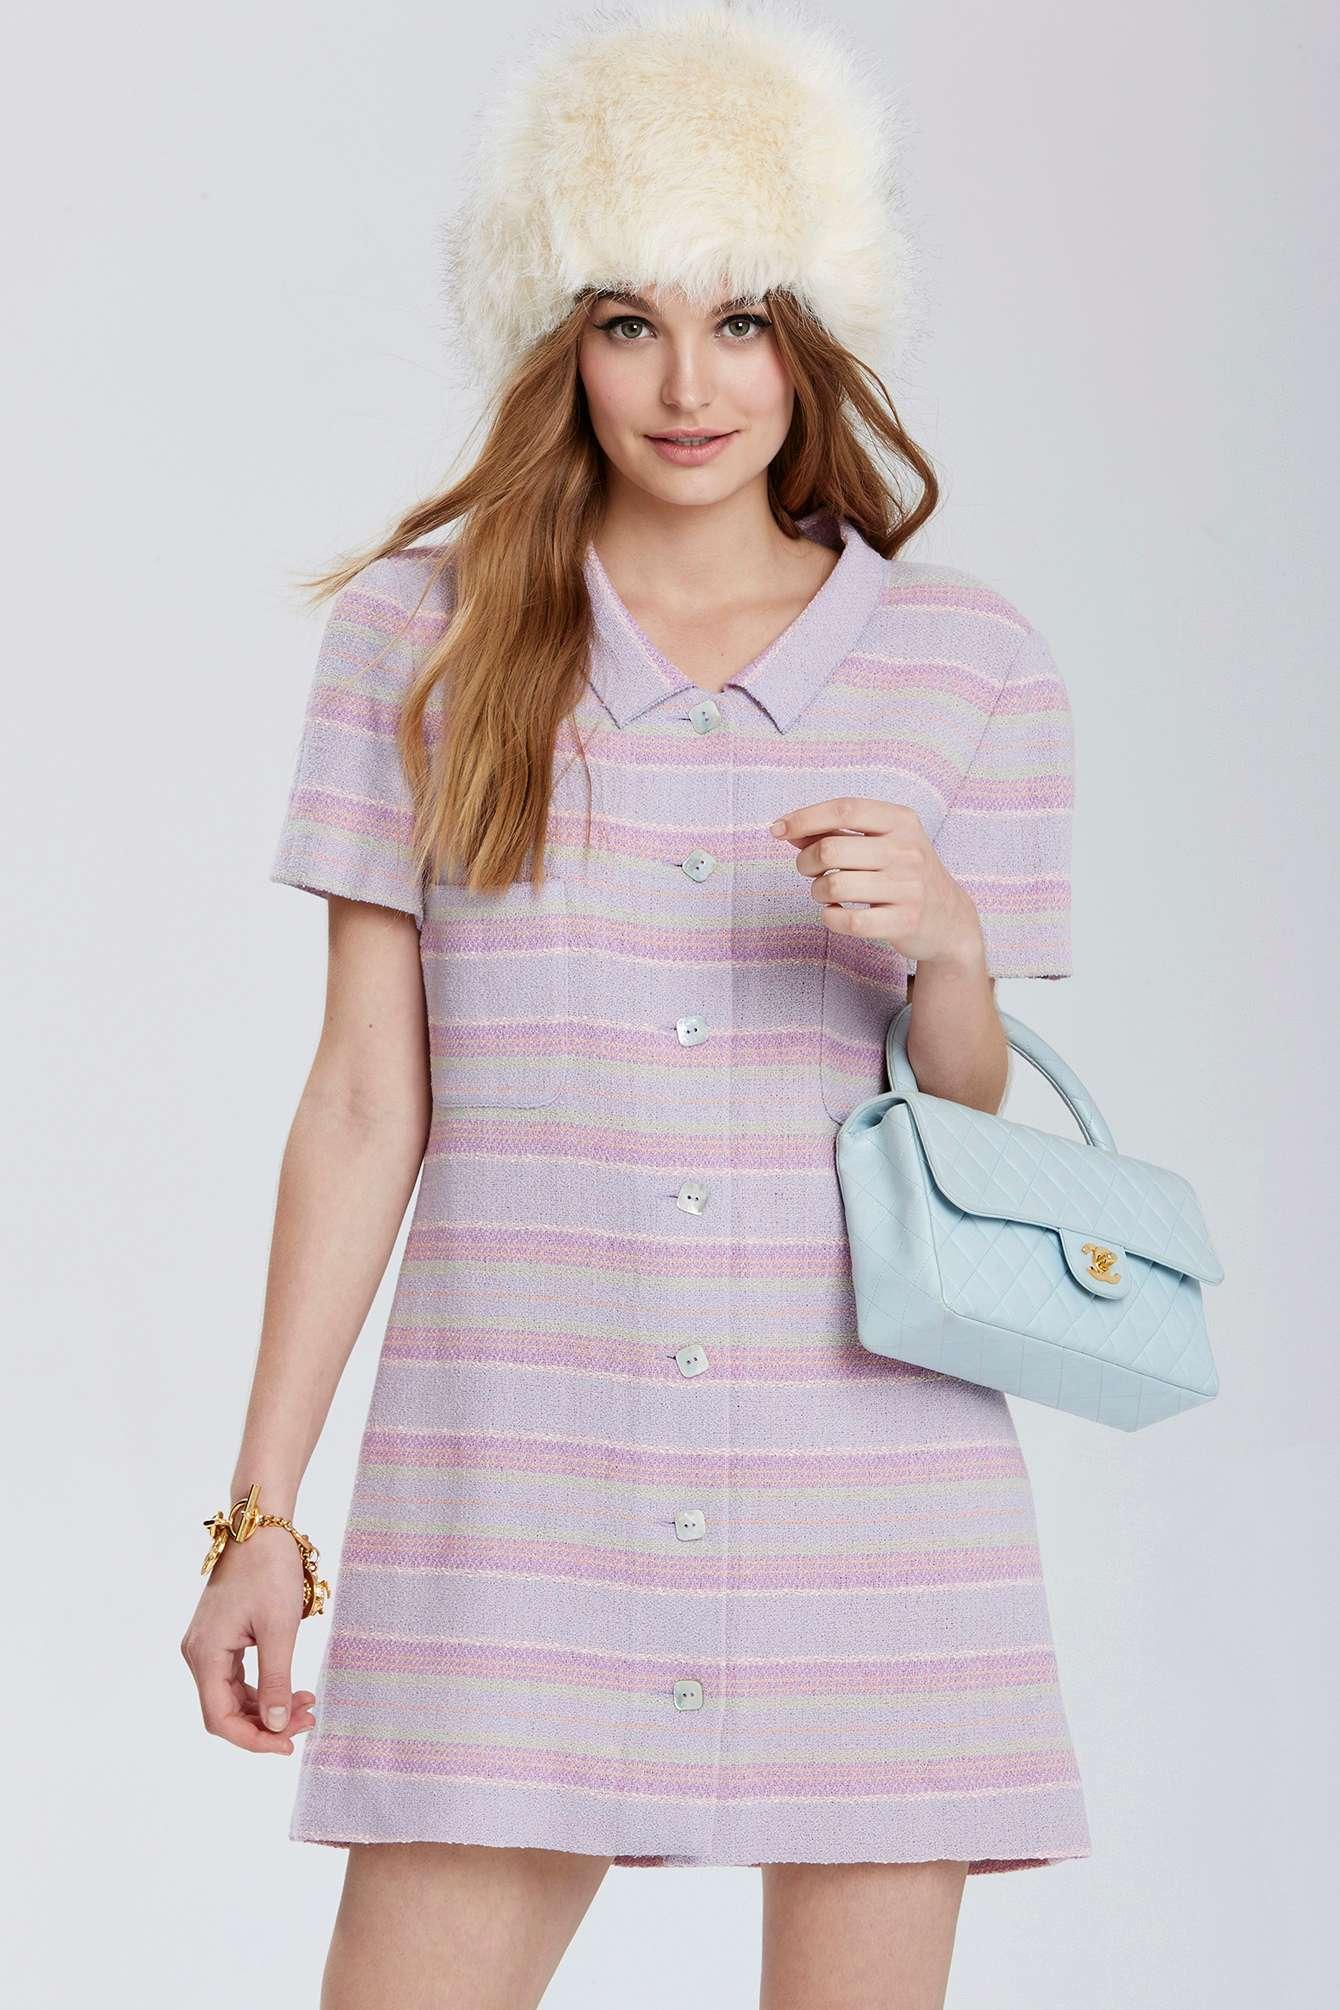 Nasty Gal Vintage Chanel Aubervilliers Tweed Dress In